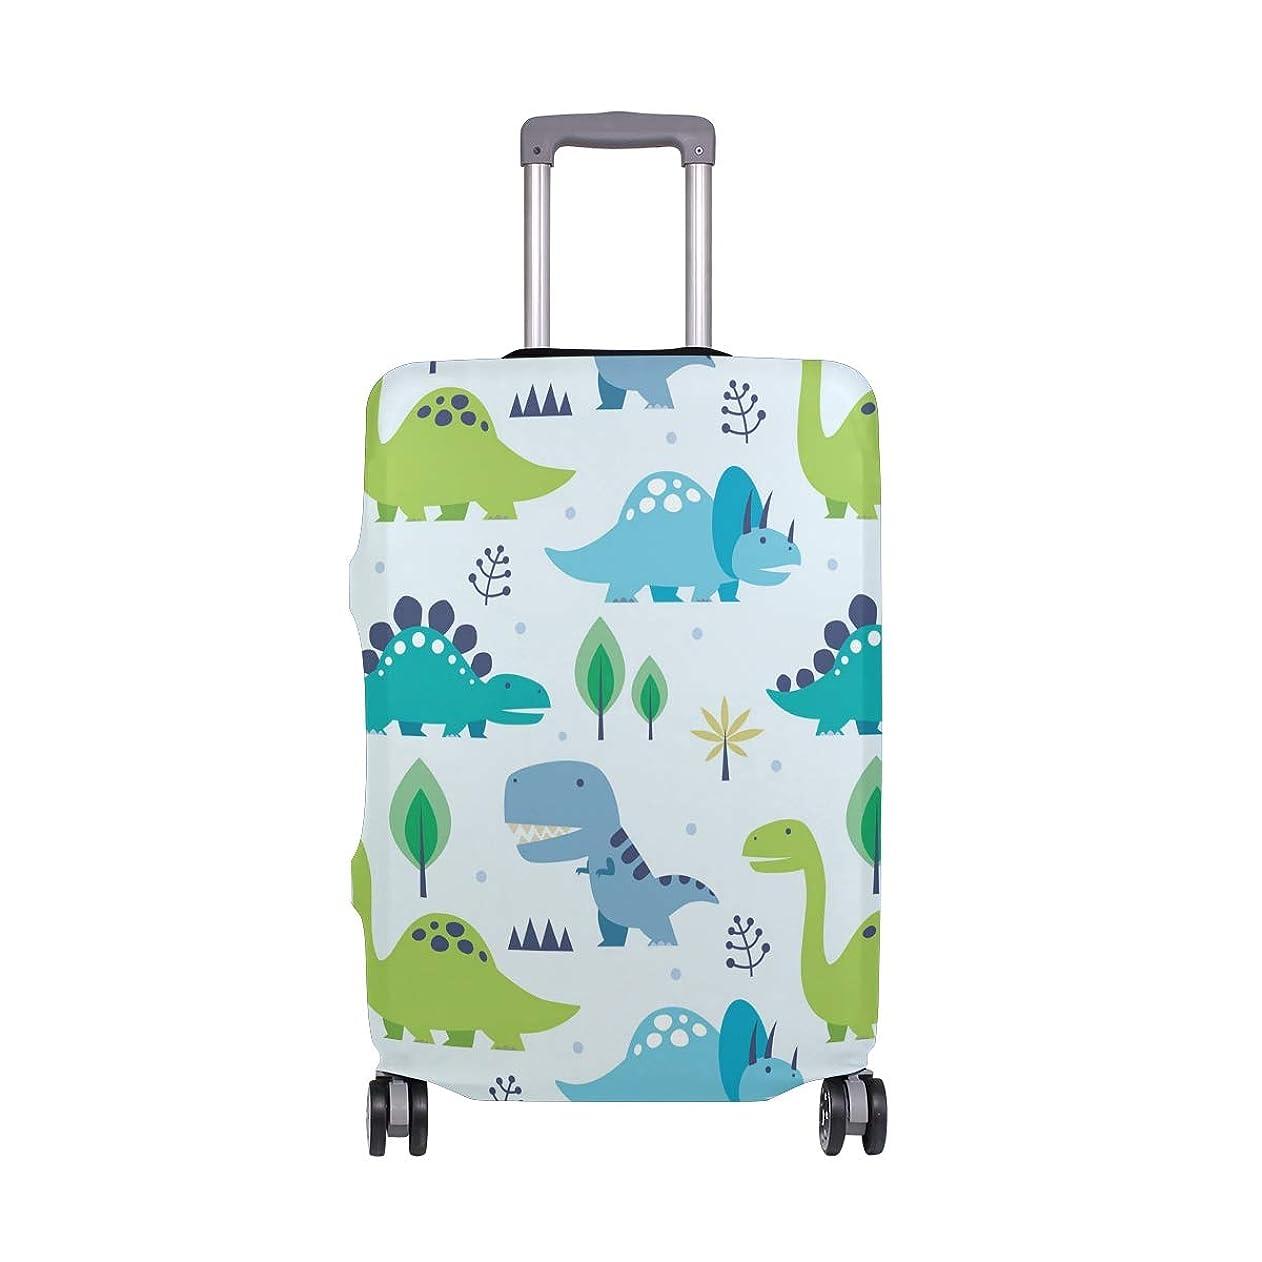 イディオム恐れ大きいスーツケースカバー 恐竜 かわいい 伸縮素材 保護カバー 紛失キズ 保護 汚れ 卒業旅行 旅行用品 トランクカバー 洗える ファスナー 荷物ケースカバー 個性的